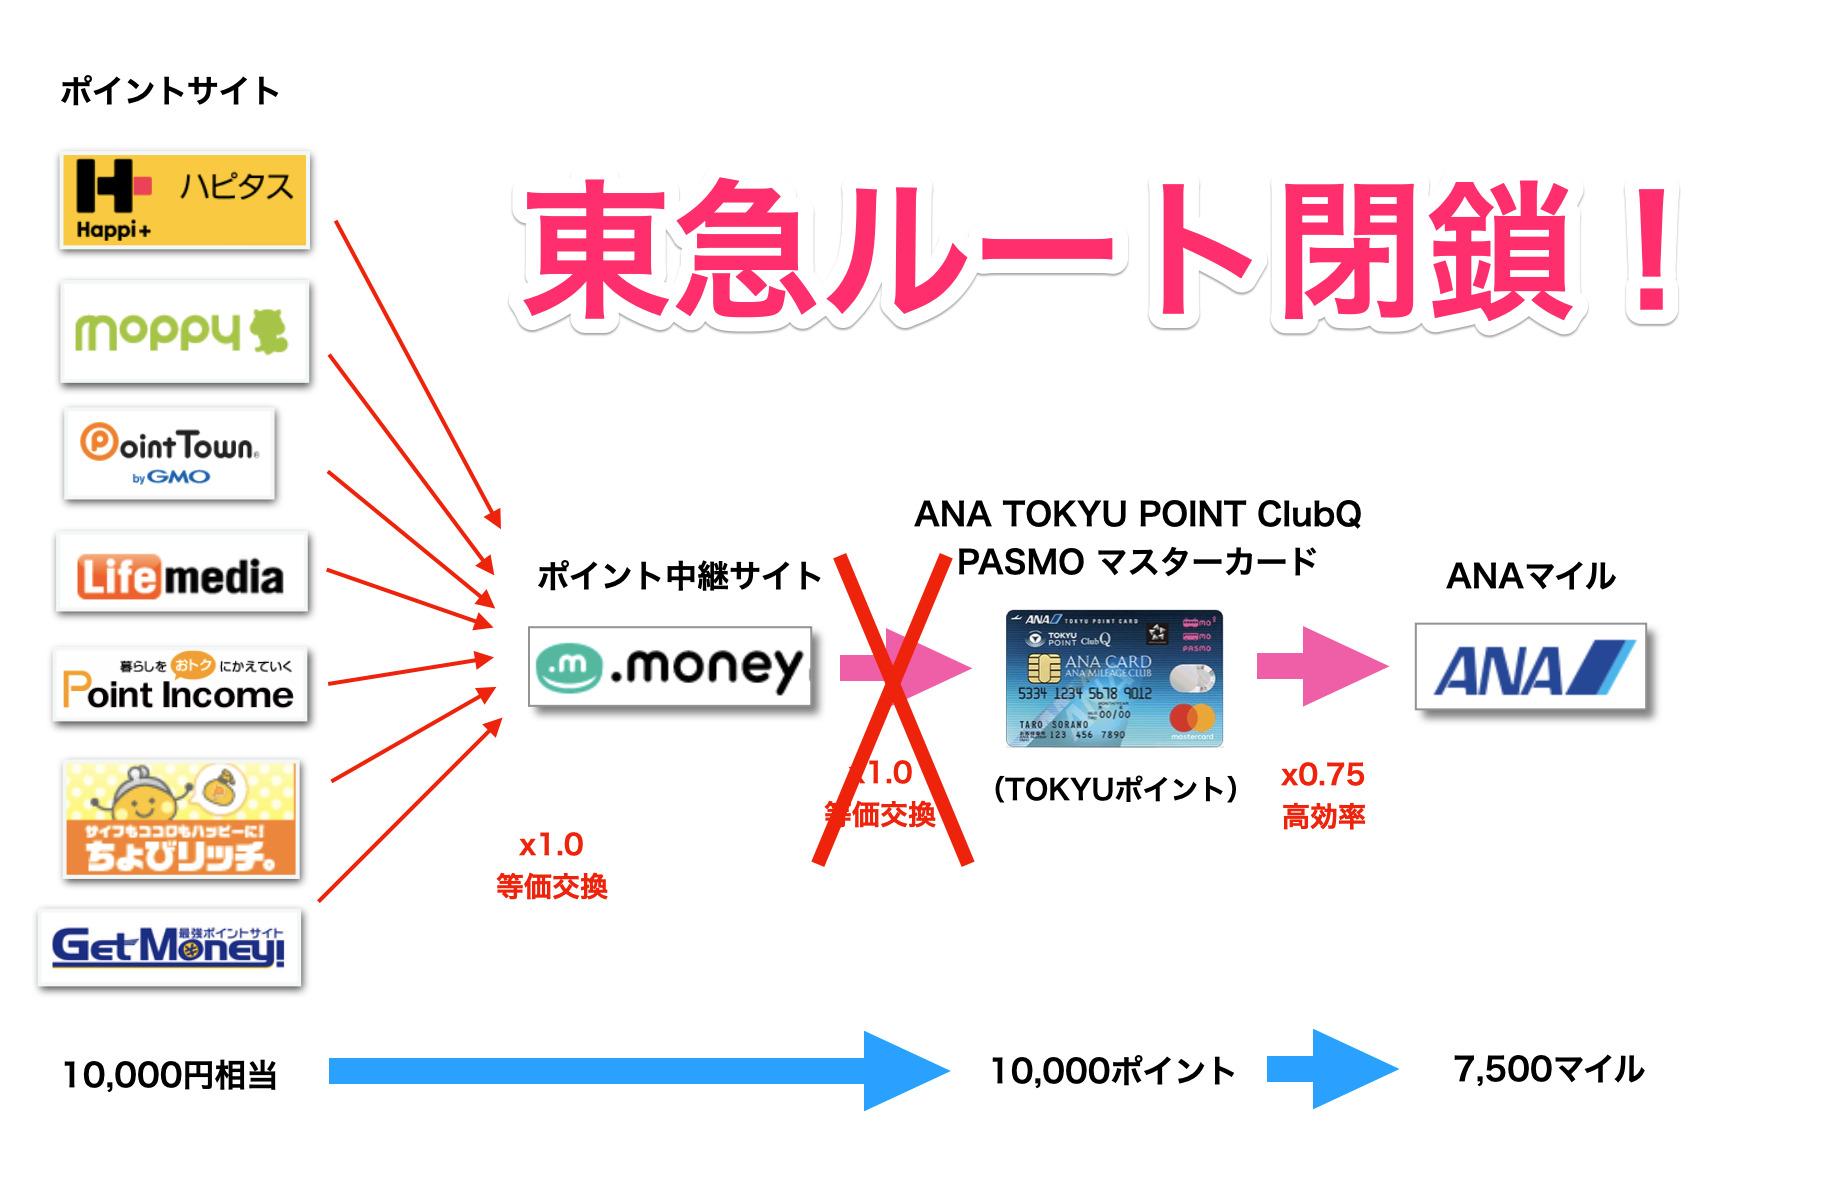 【改悪】ANA東急ルート(TOKYUルート)が2022年3月末で閉鎖(Top画像)